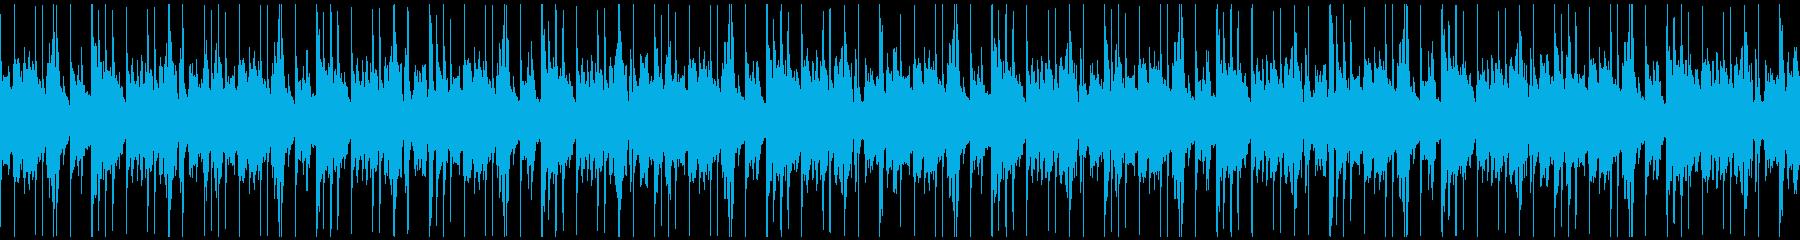 ゆったりジャジーヒップホップ/ループ仕様の再生済みの波形